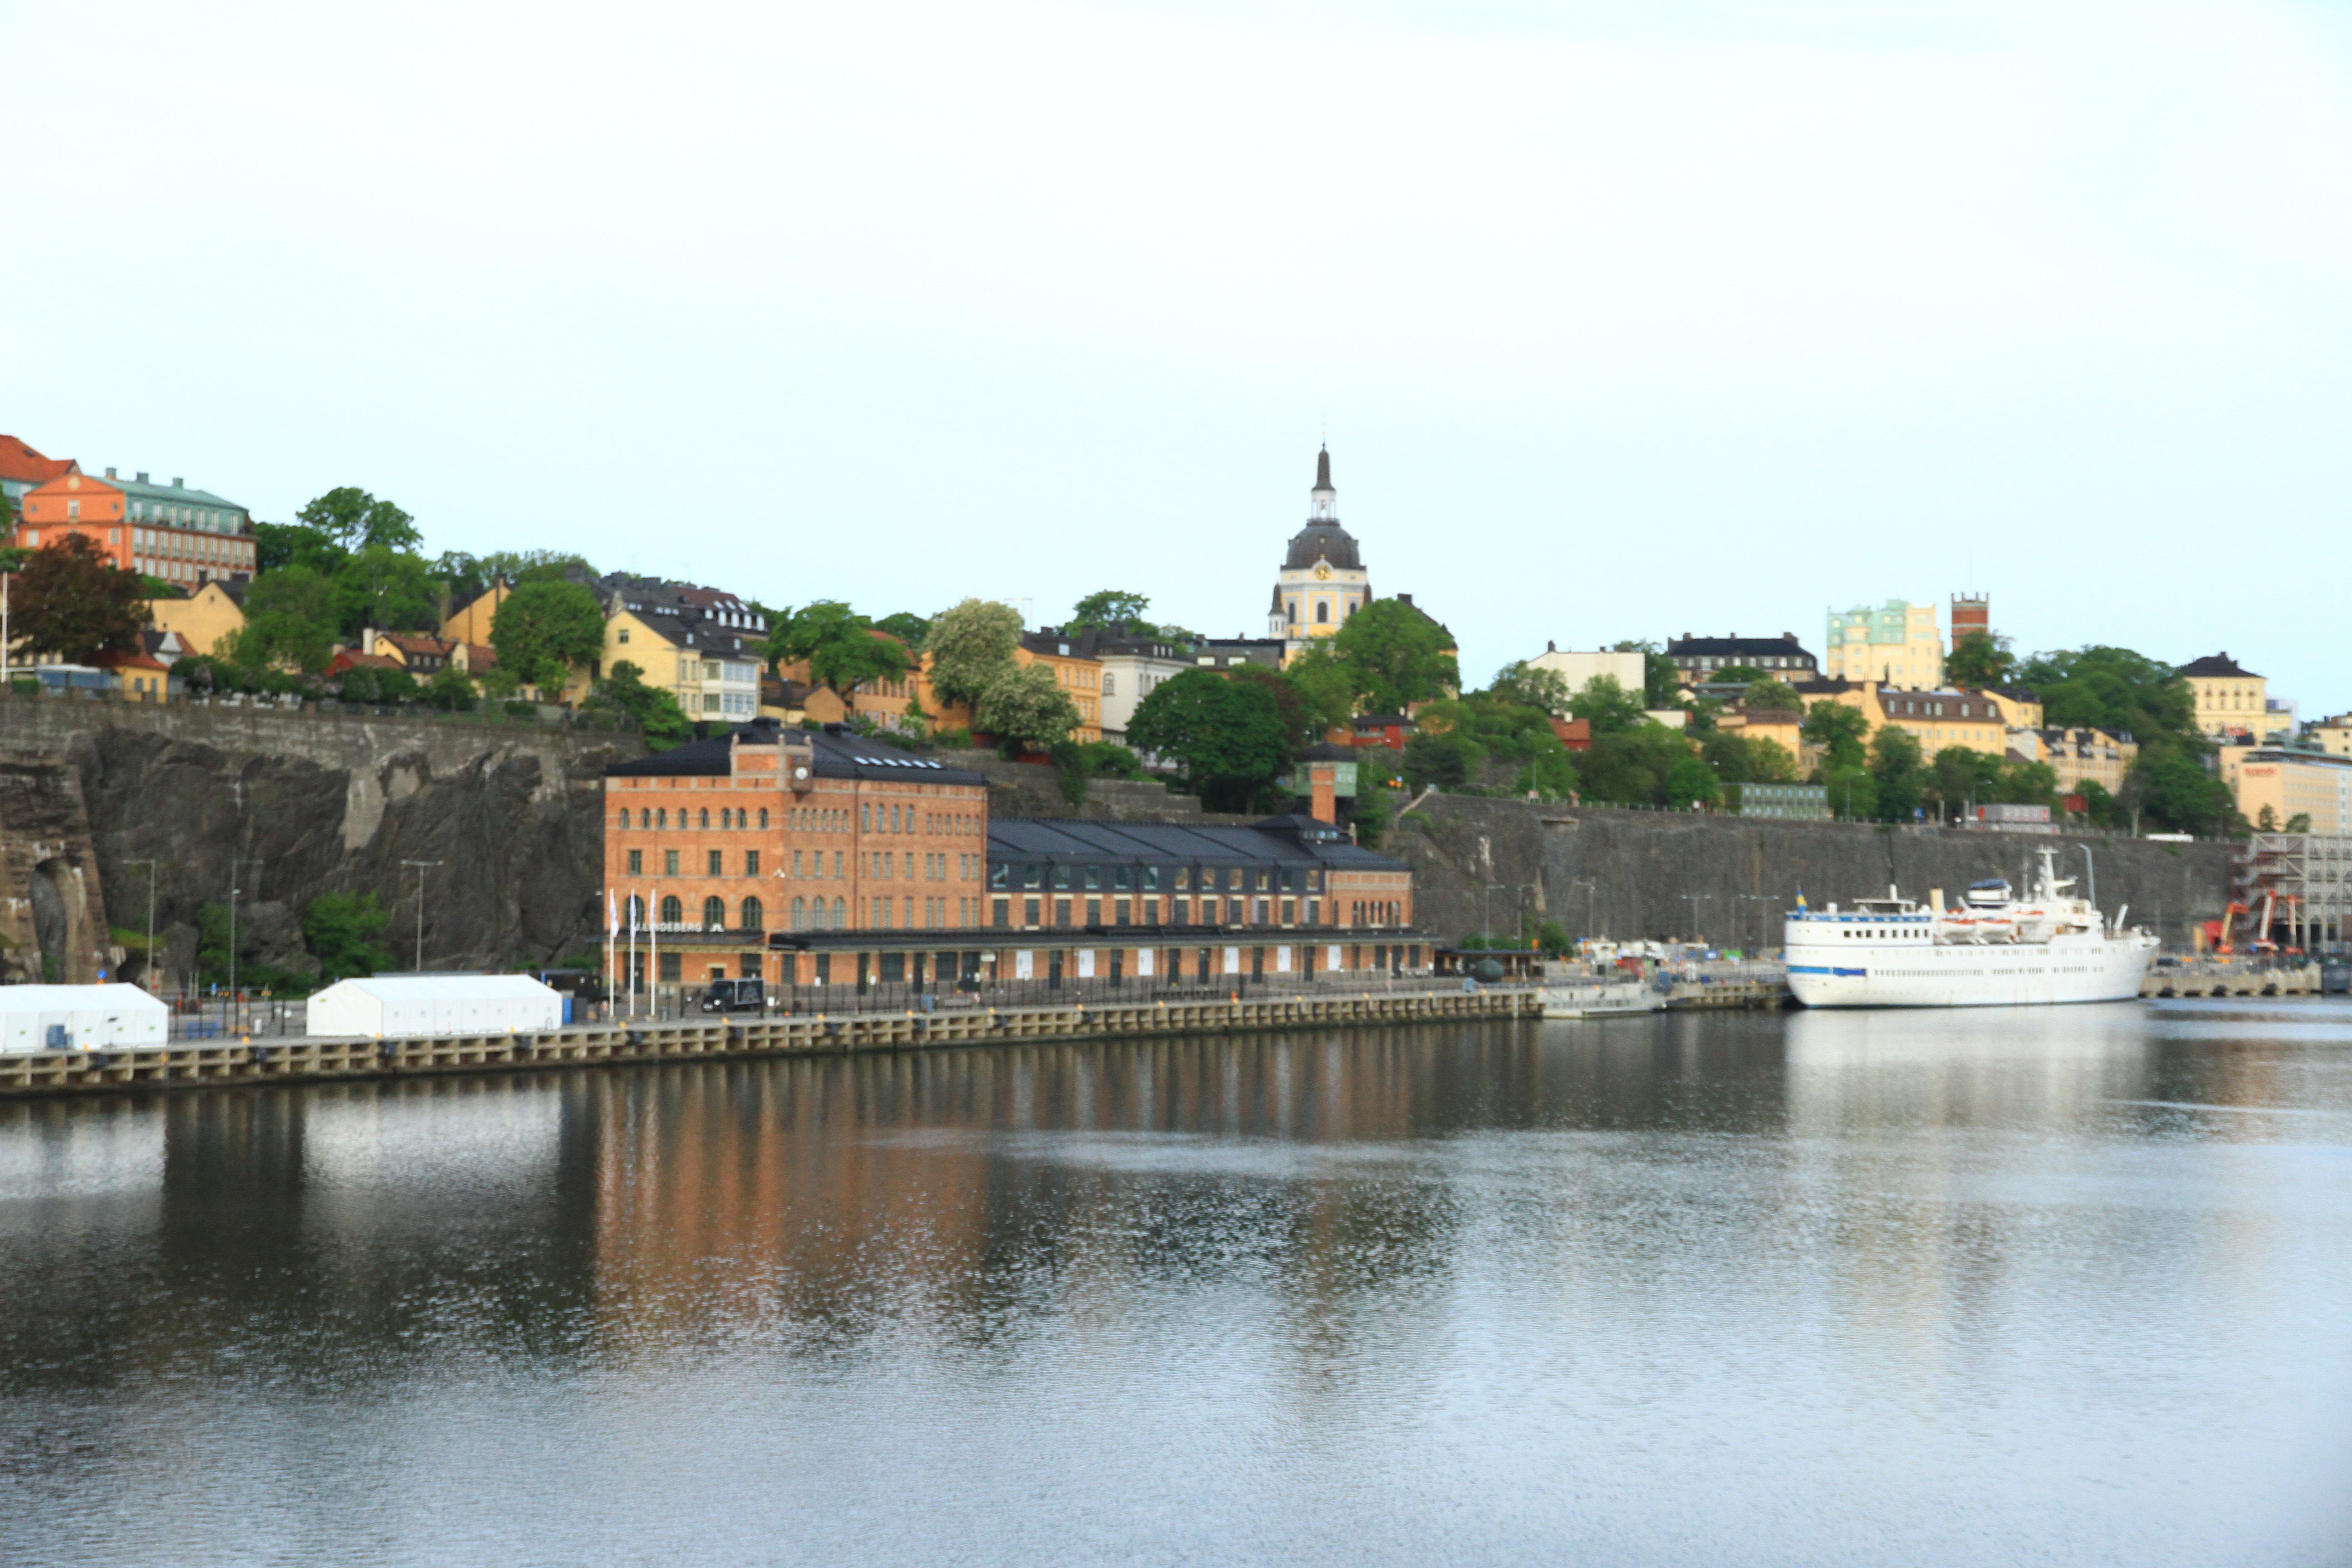 134、瑞典斯德哥尔摩:峡湾景色